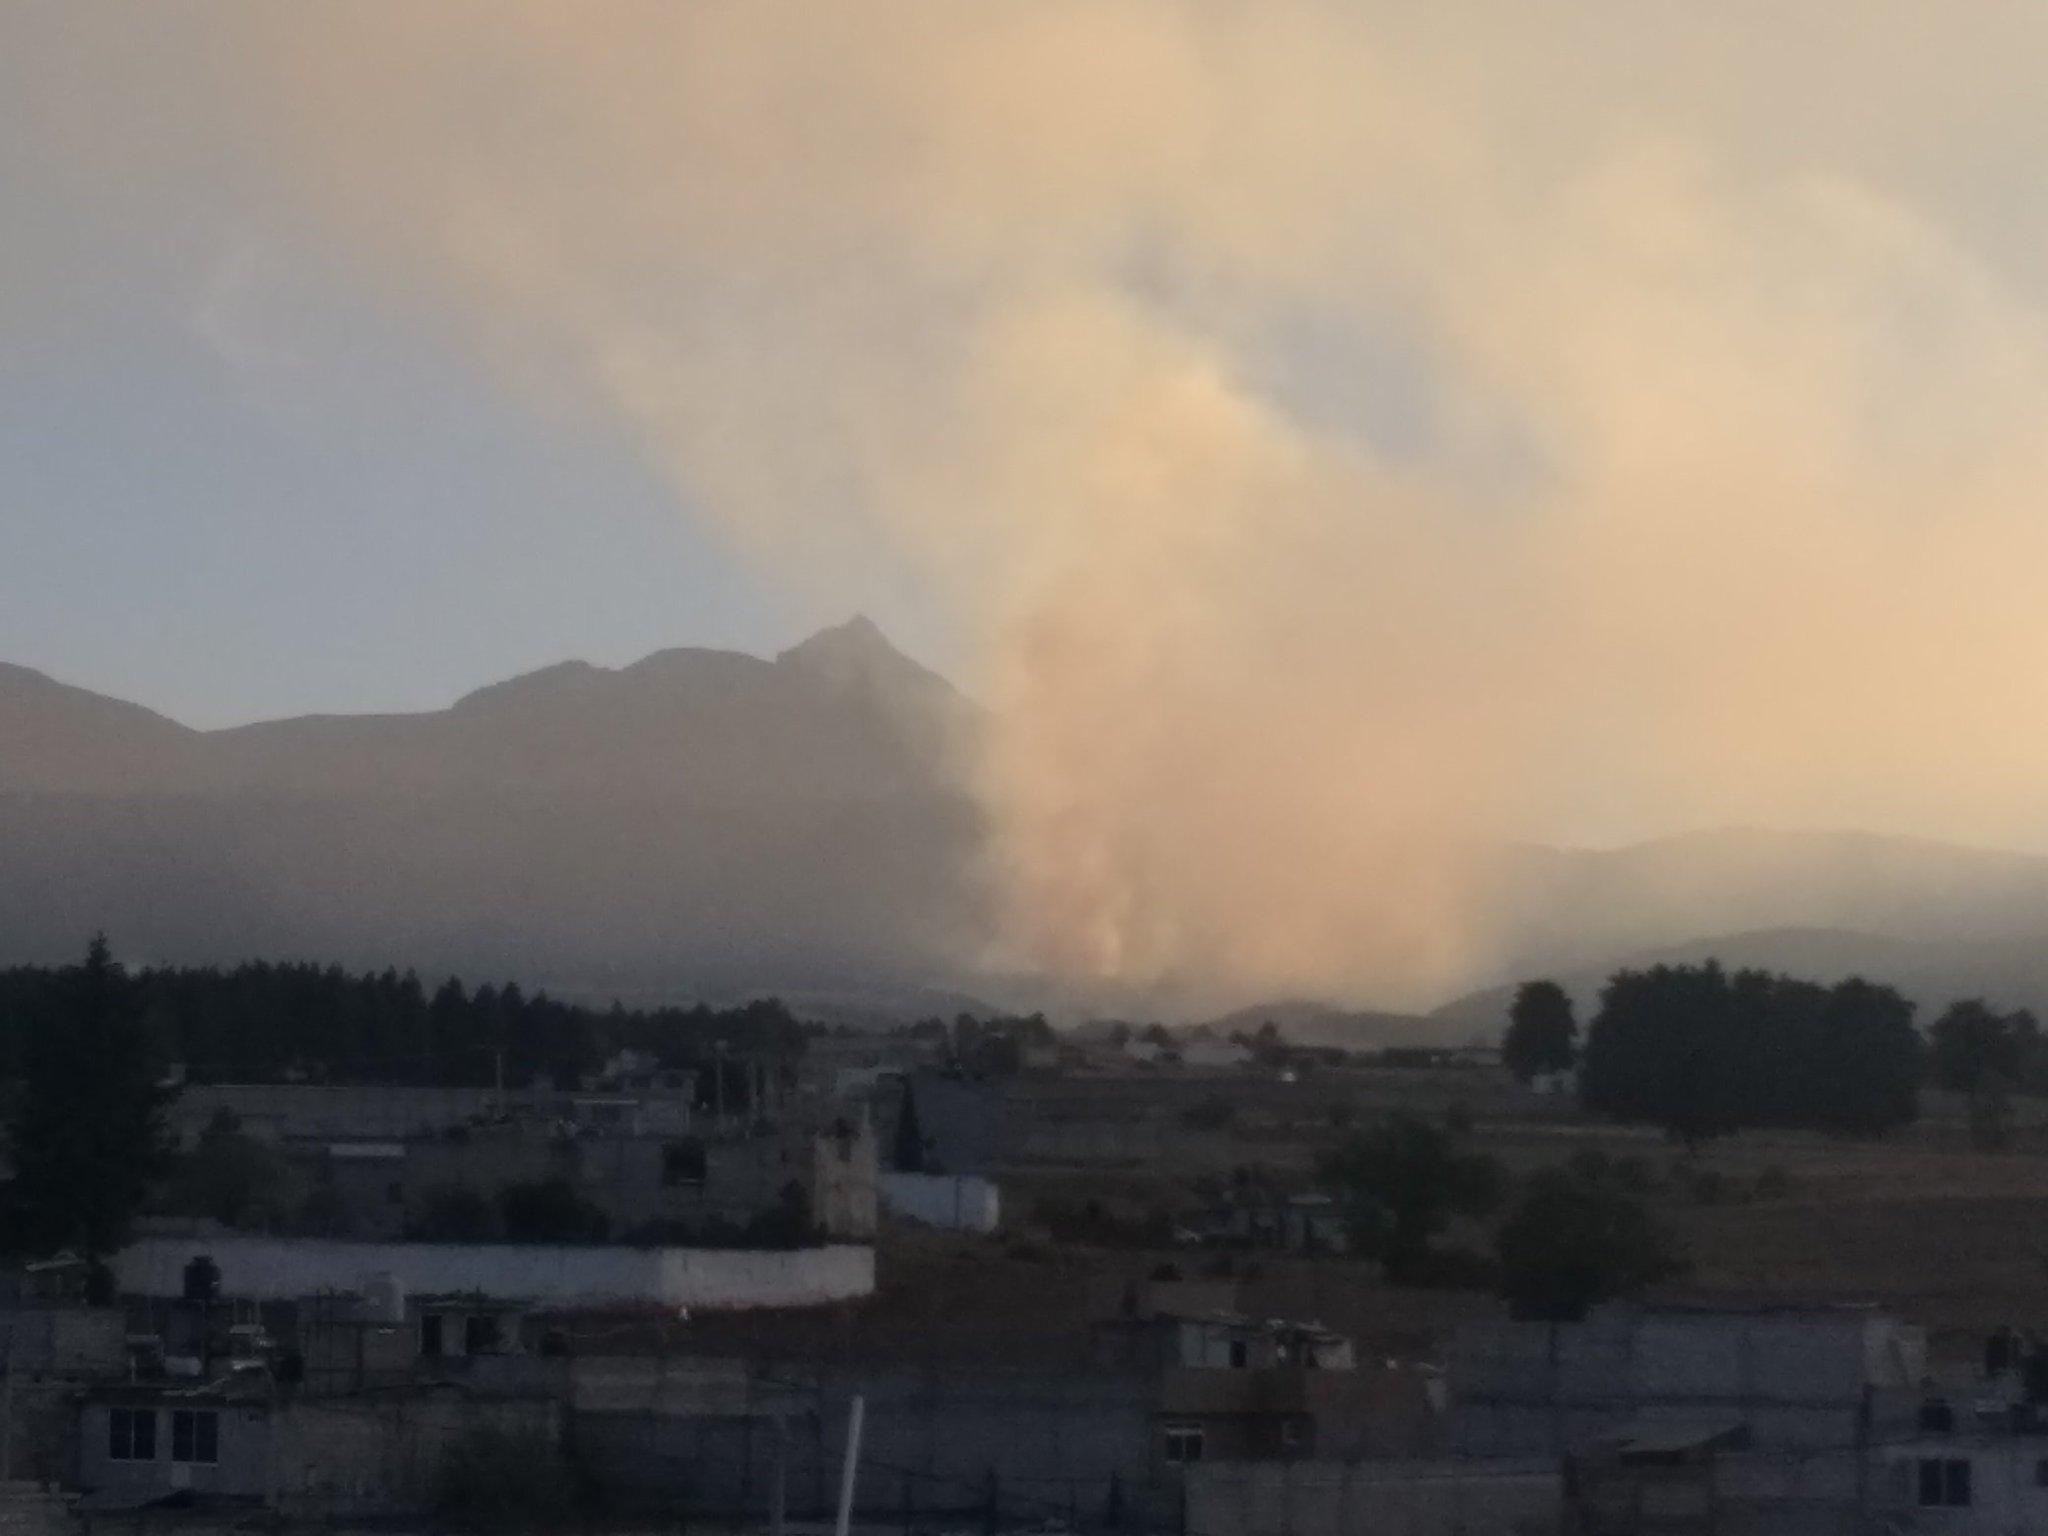 Nevado de Toluca registra incendio forestal en sus faldas